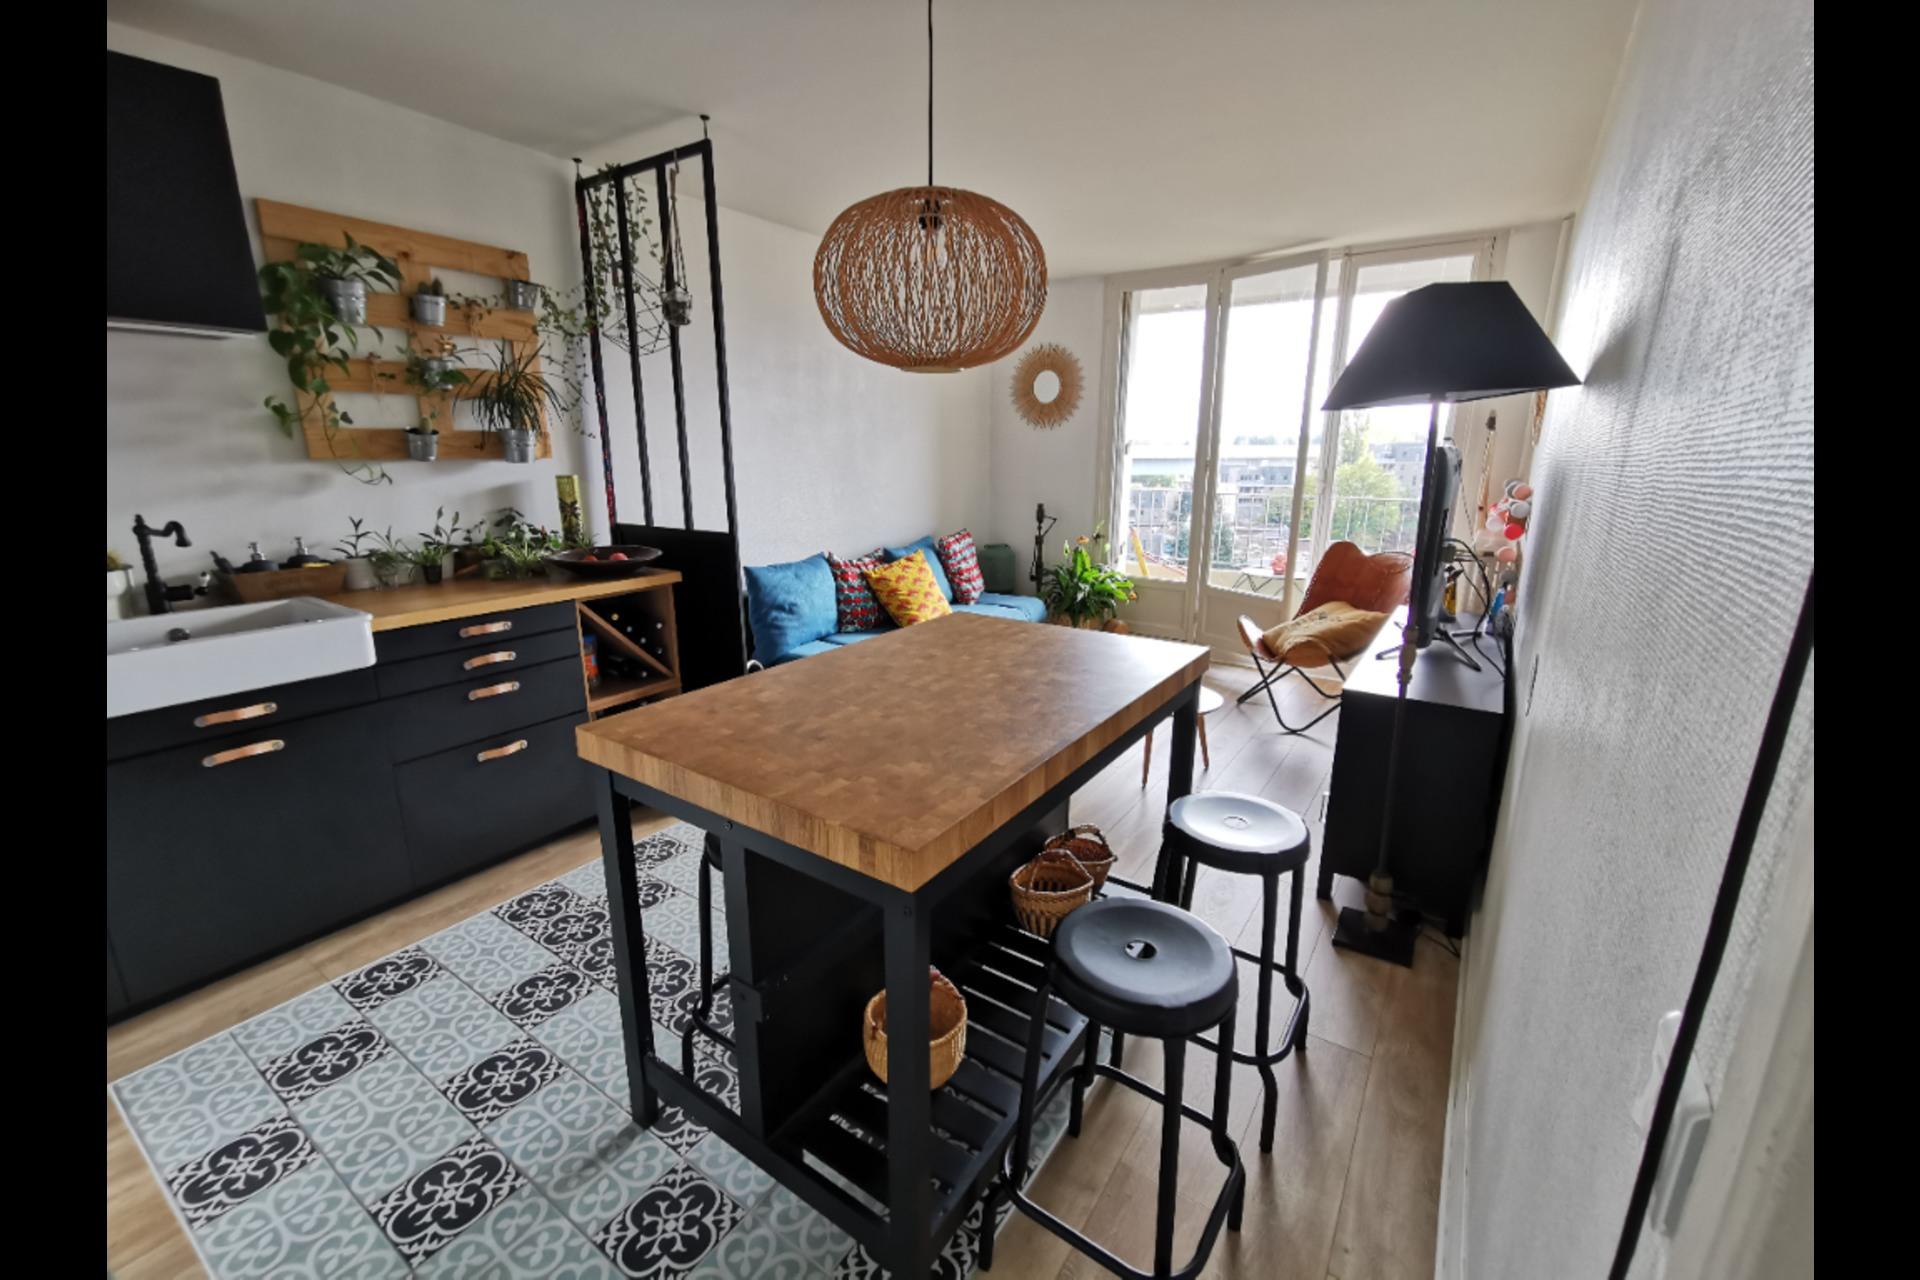 image 0 - Apartment For sale saint-germain-en-laye - 4 rooms